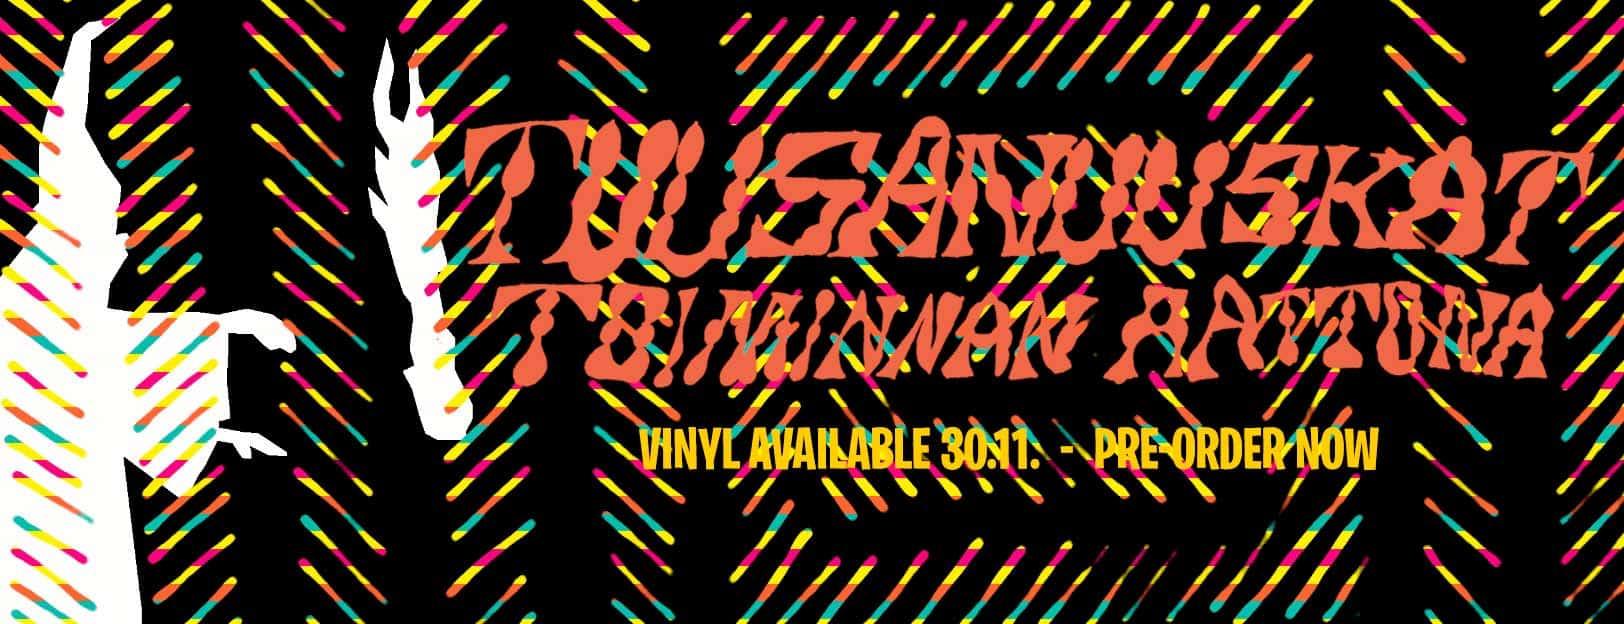 Tuusanuuskat: Toiminnan aattona vinyl